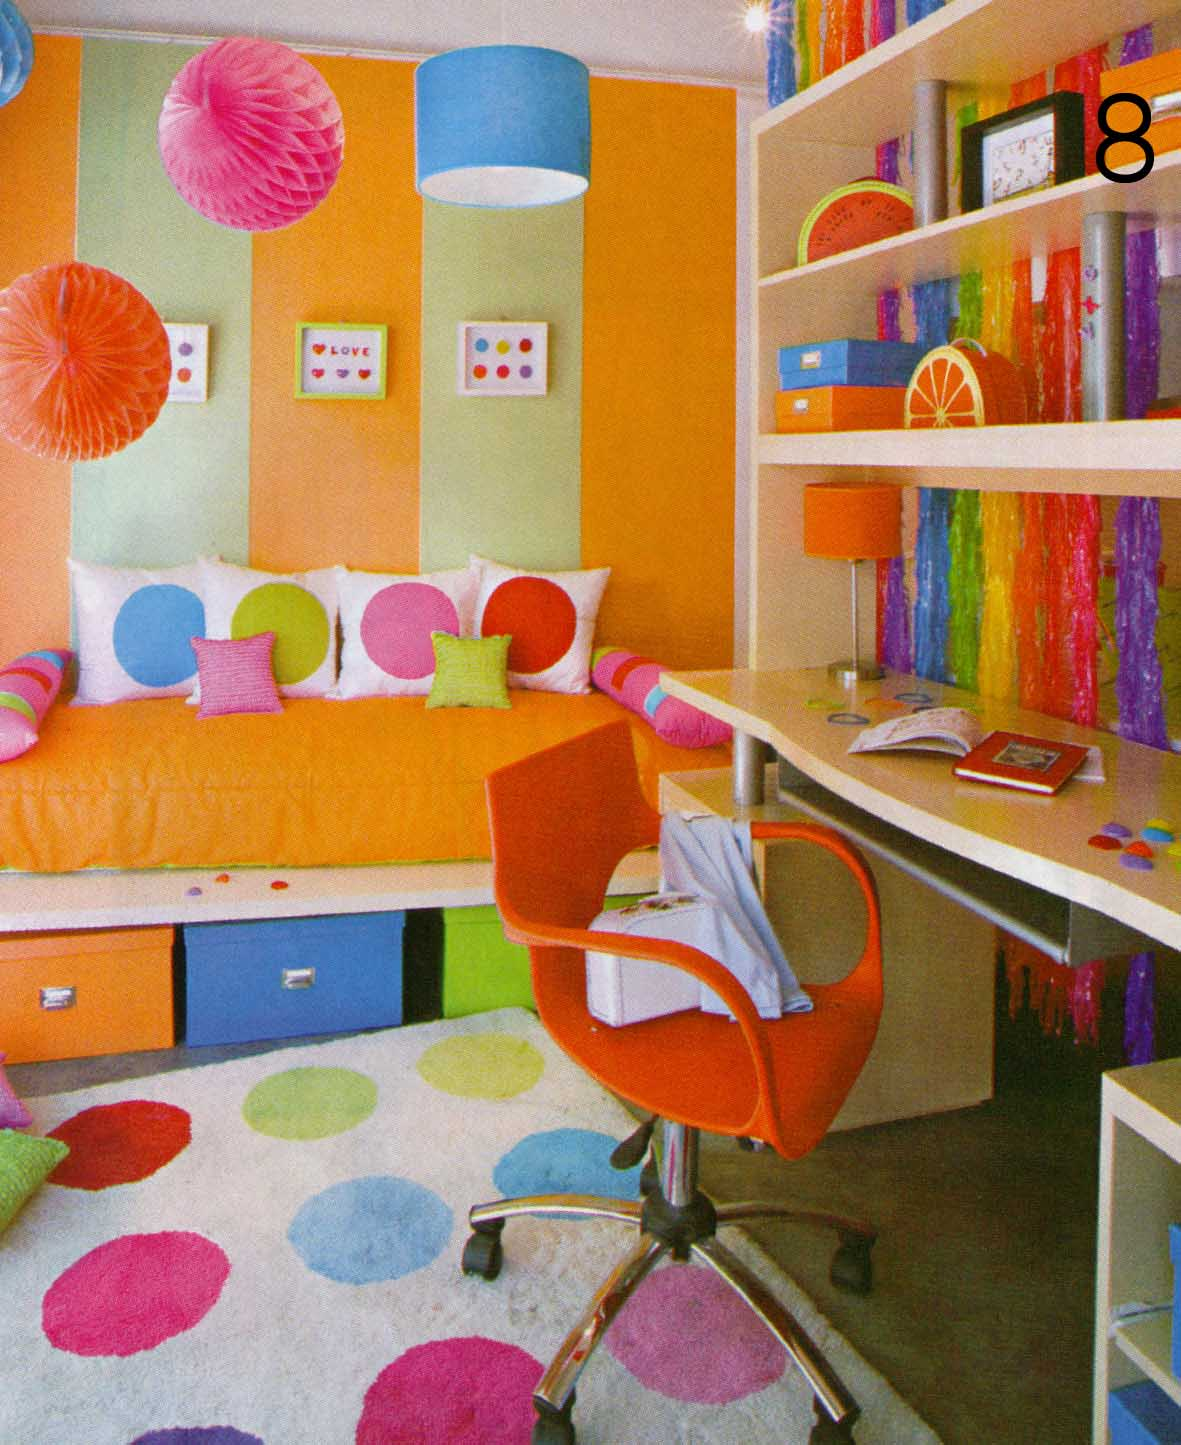 Dormitorios infantiles algunas ideas para decorarlos - Ideas dormitorios infantiles ...